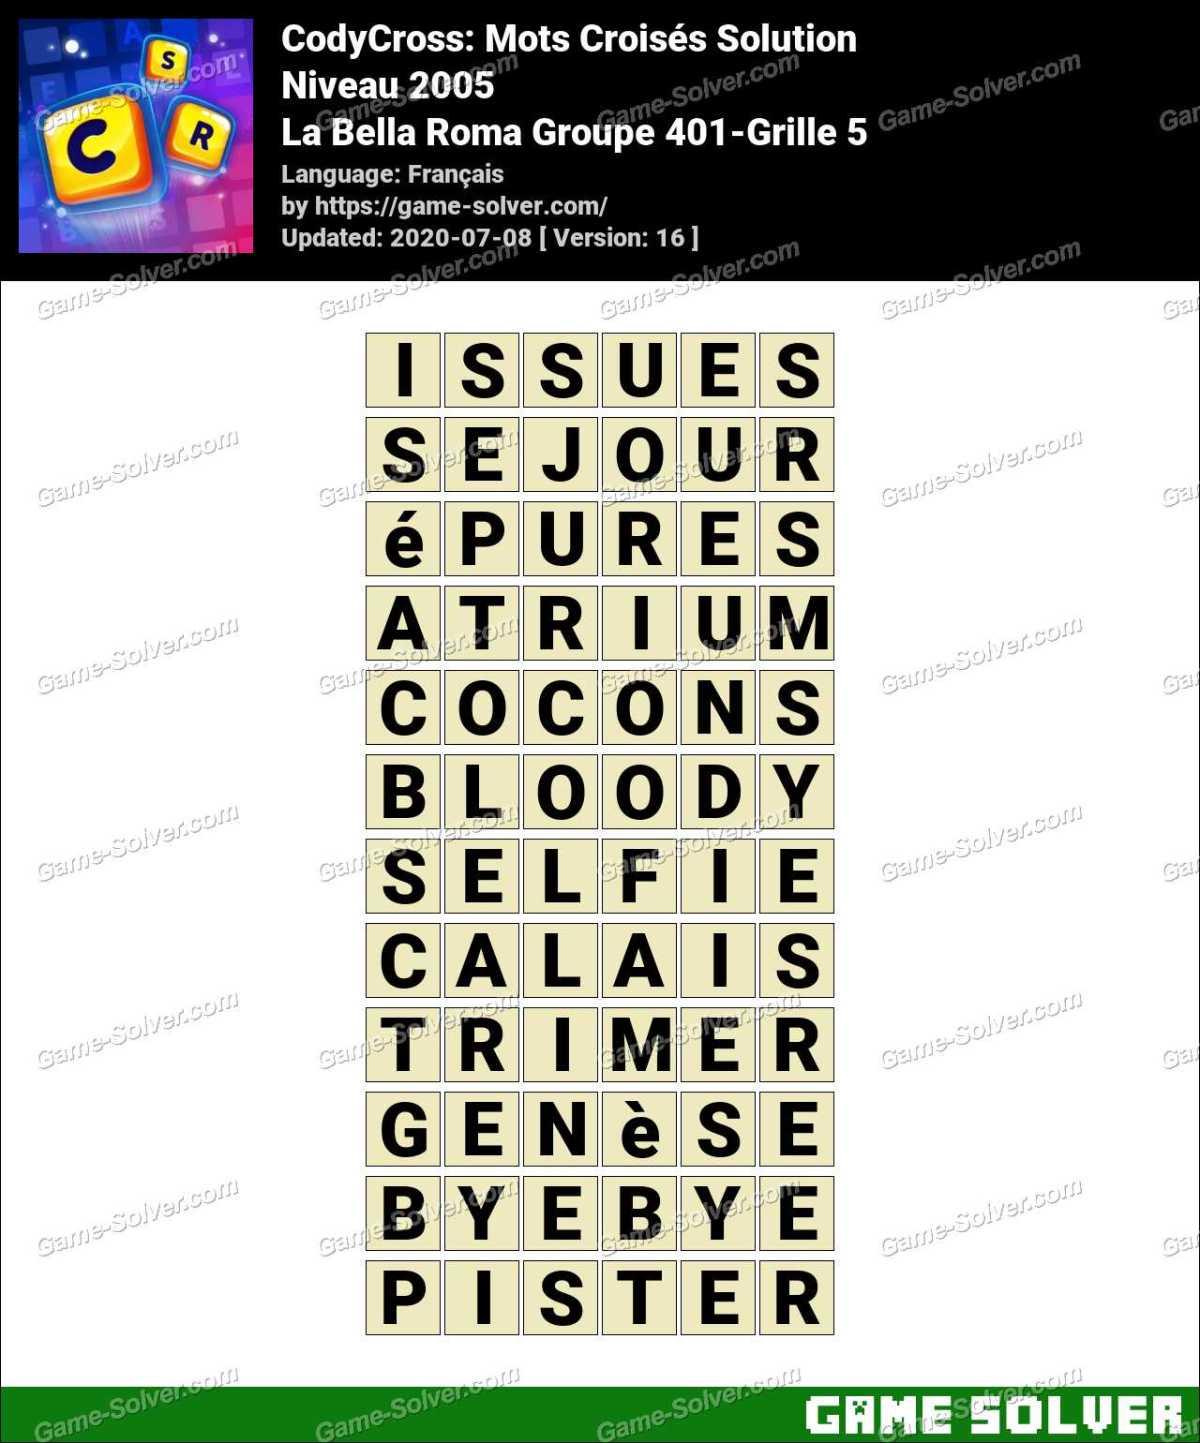 CodyCross La Bella Roma Groupe 401-Grille 5 Solution